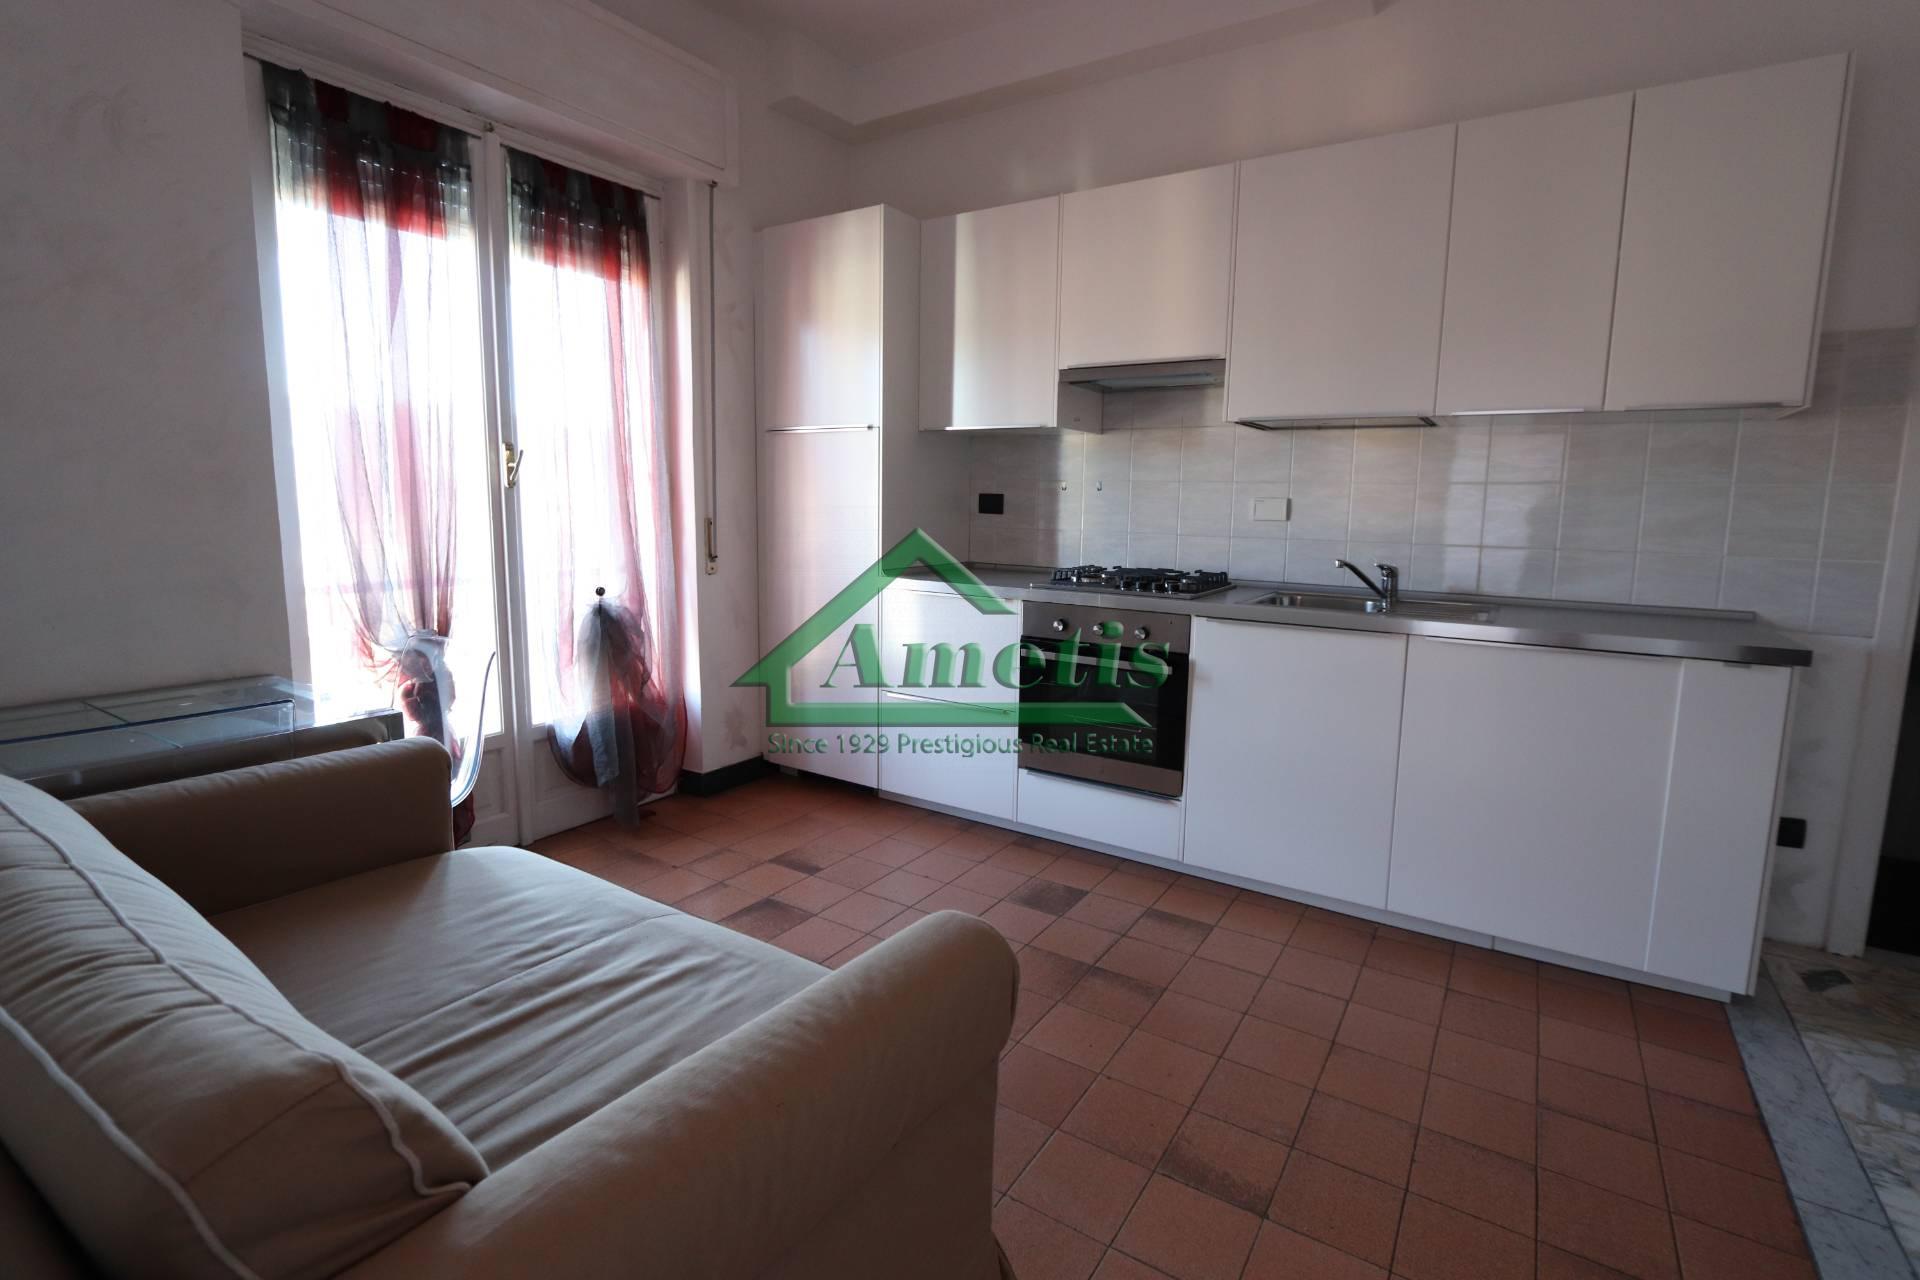 Appartamento in affitto a Imperia, 2 locali, zona Località: Onegliacentro, prezzo € 400   CambioCasa.it